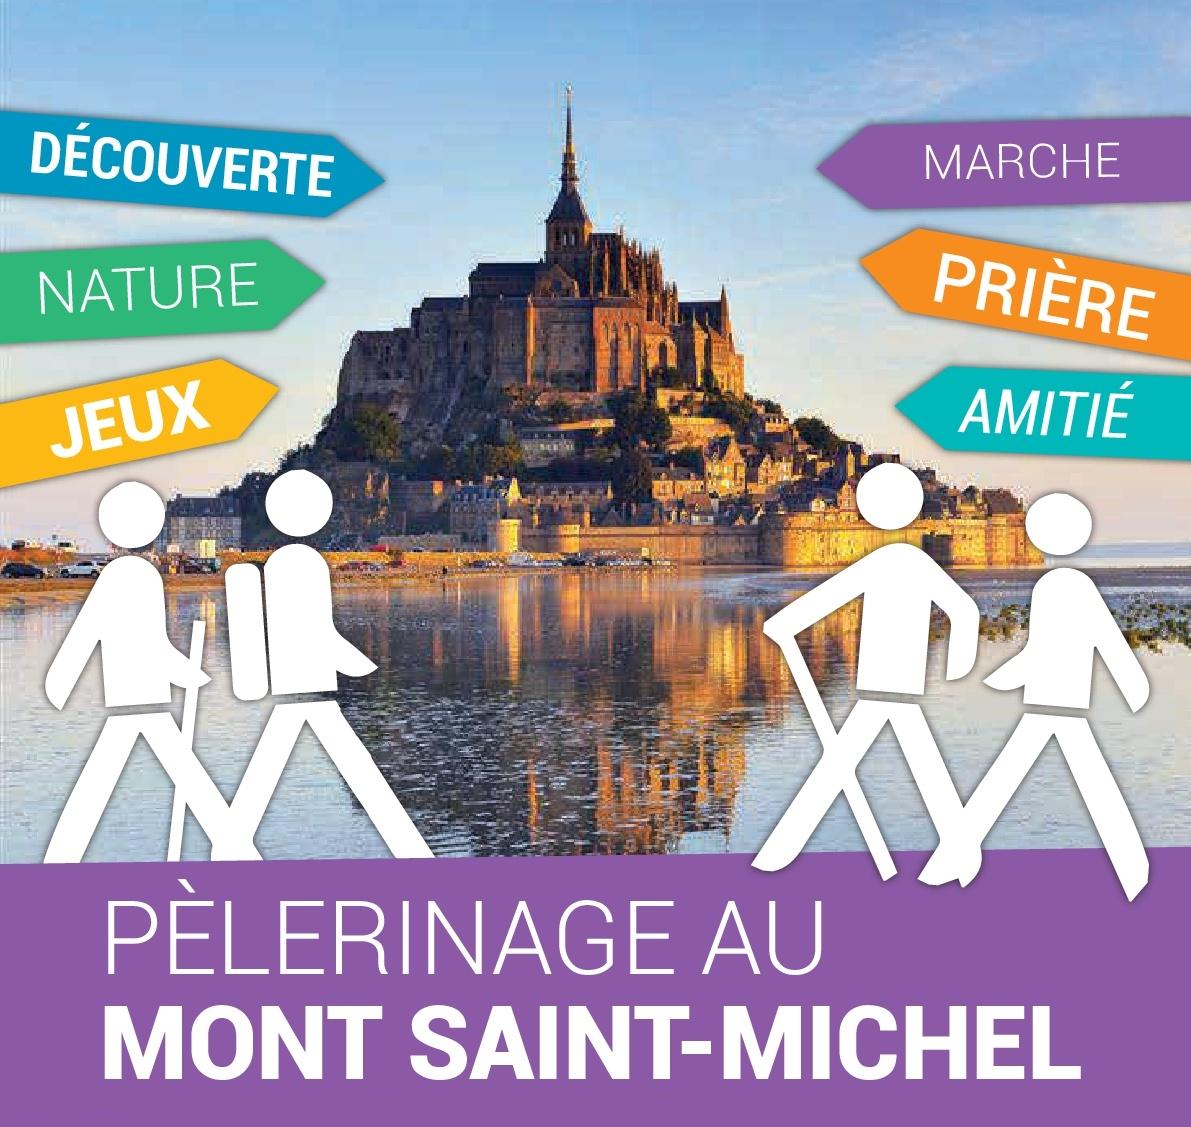 L'aumônerie de Cergy au Mont Saint Michel